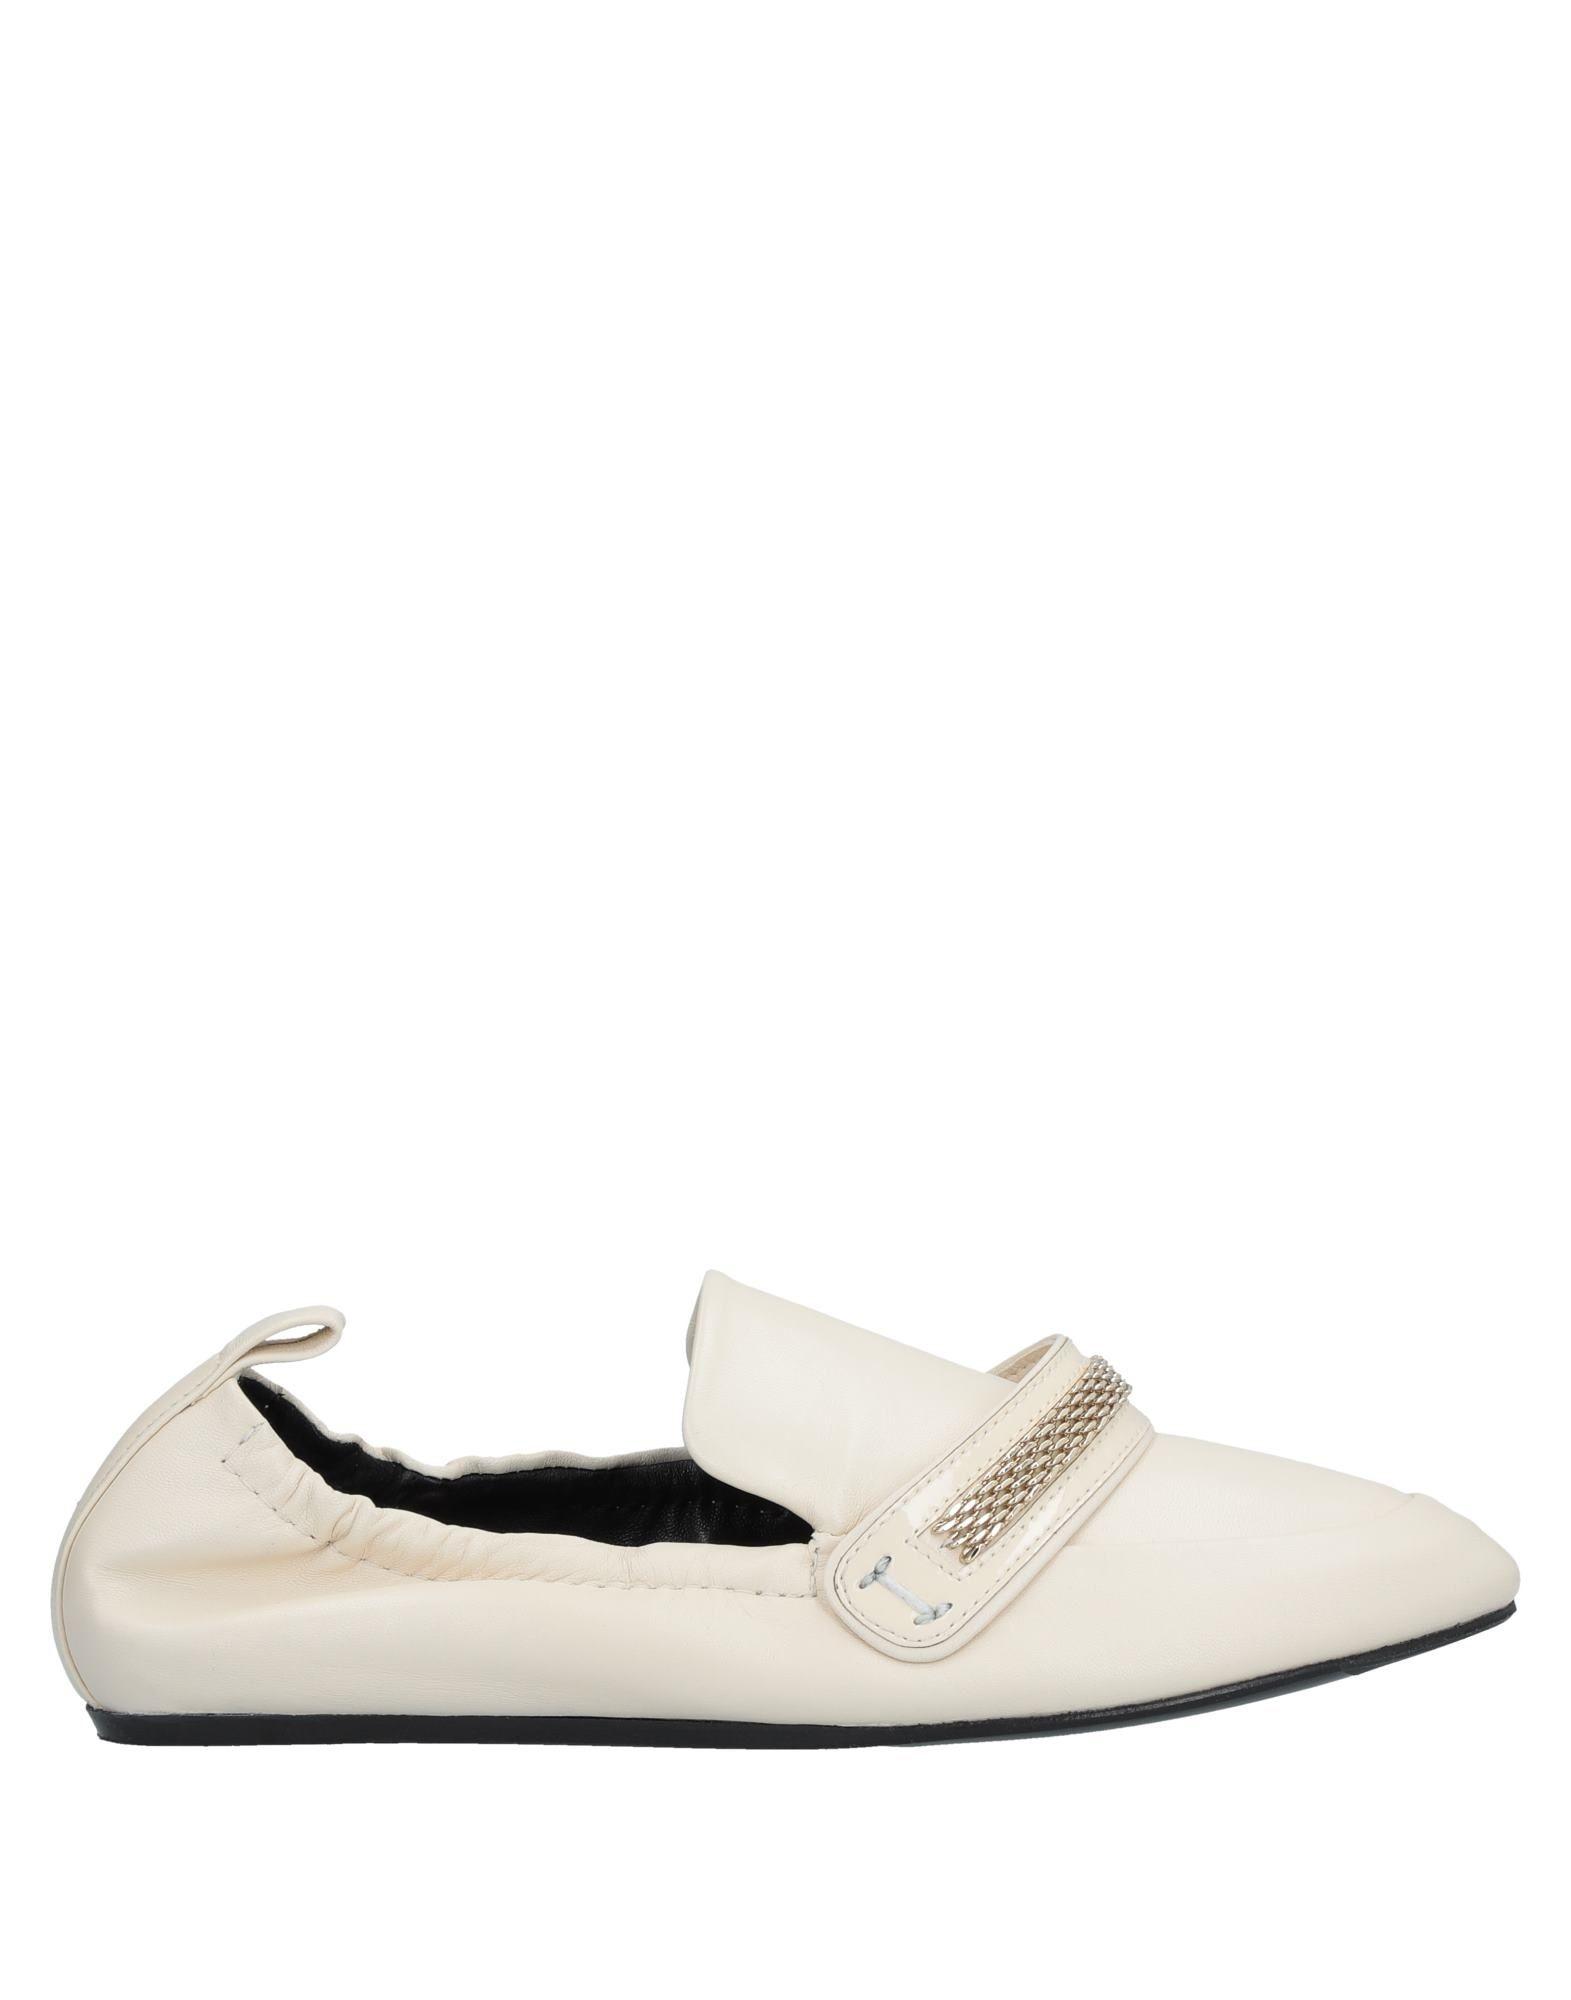 Lanvin Mokassins Damen  11504673NNGünstige gut aussehende Schuhe